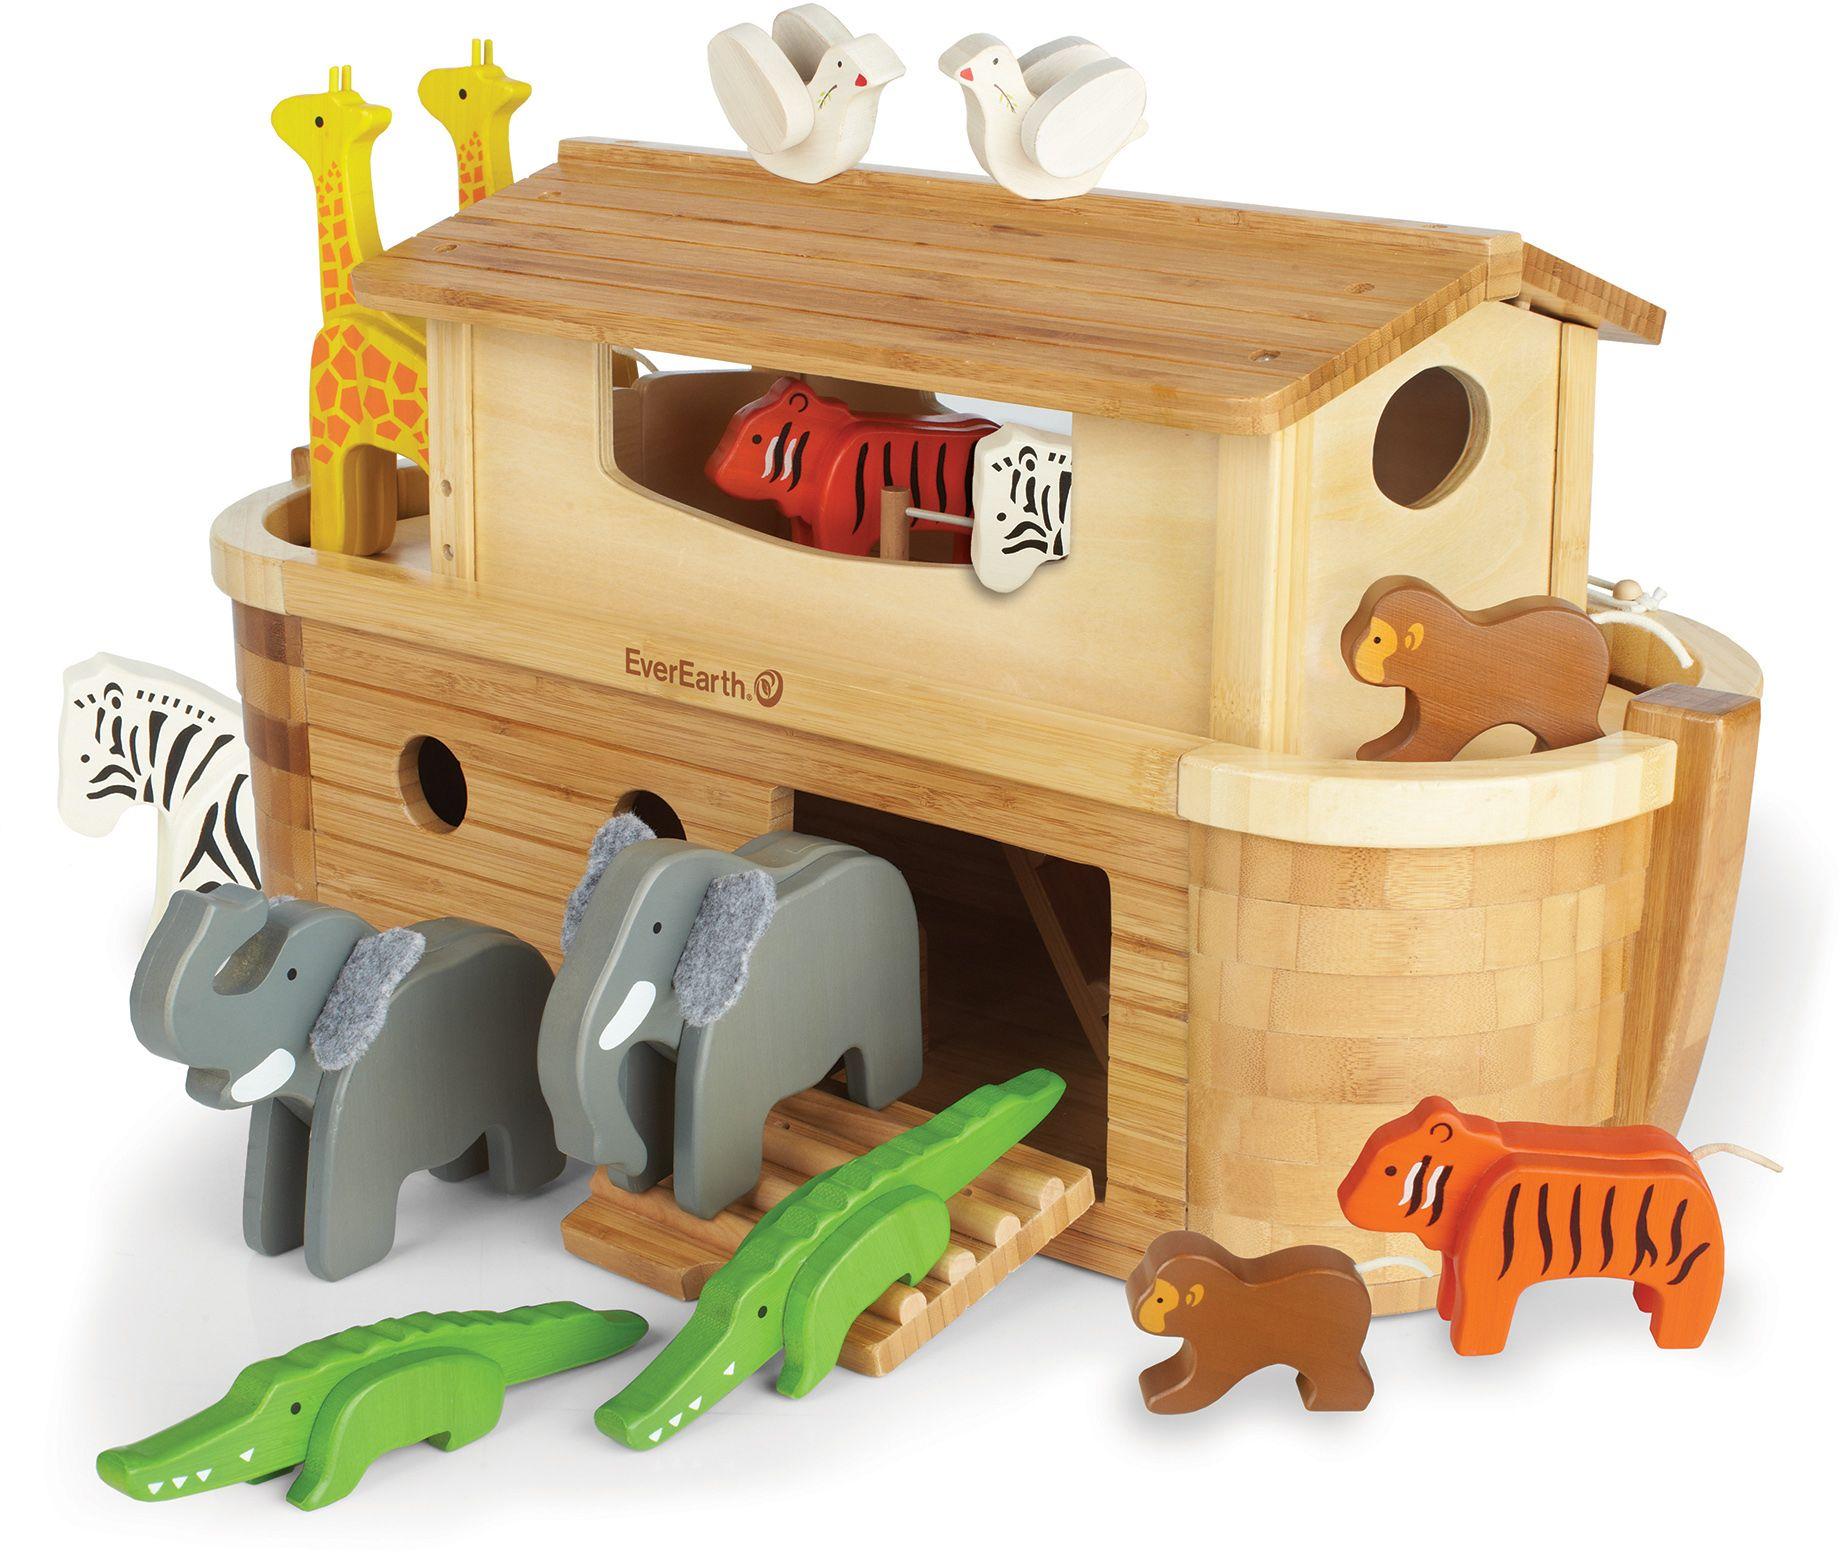 EVEREARTH EverEarth® Holzspielzeug, »Arche Noah in Groß mit 14 Tieren«